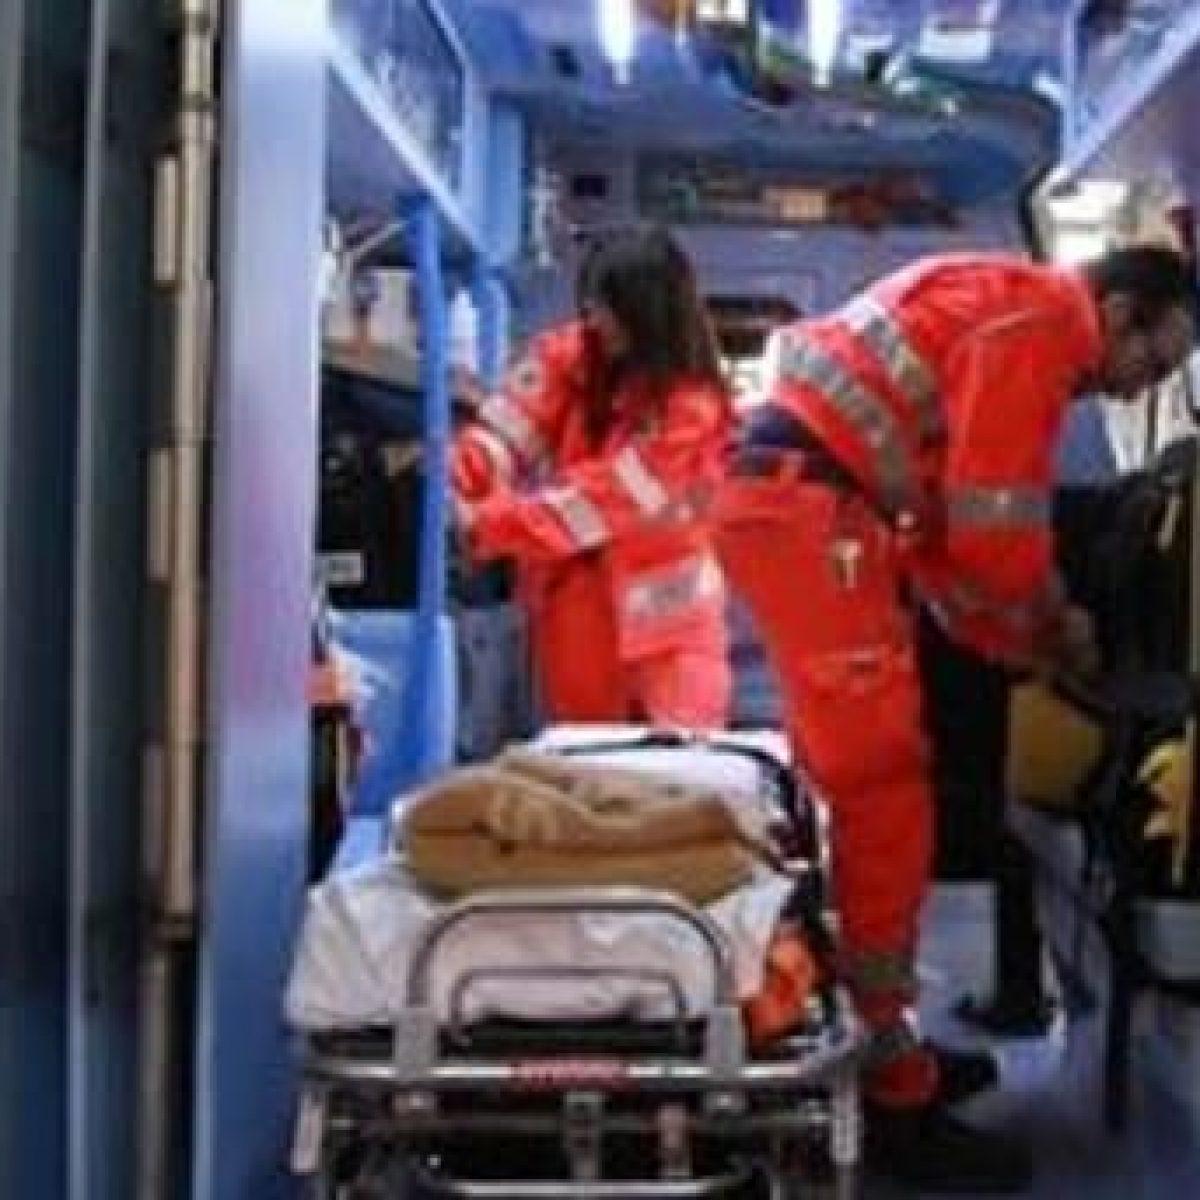 Matrimonio In Ambulanza : I nonni al matrimonio vanno in ambulanza la stampa